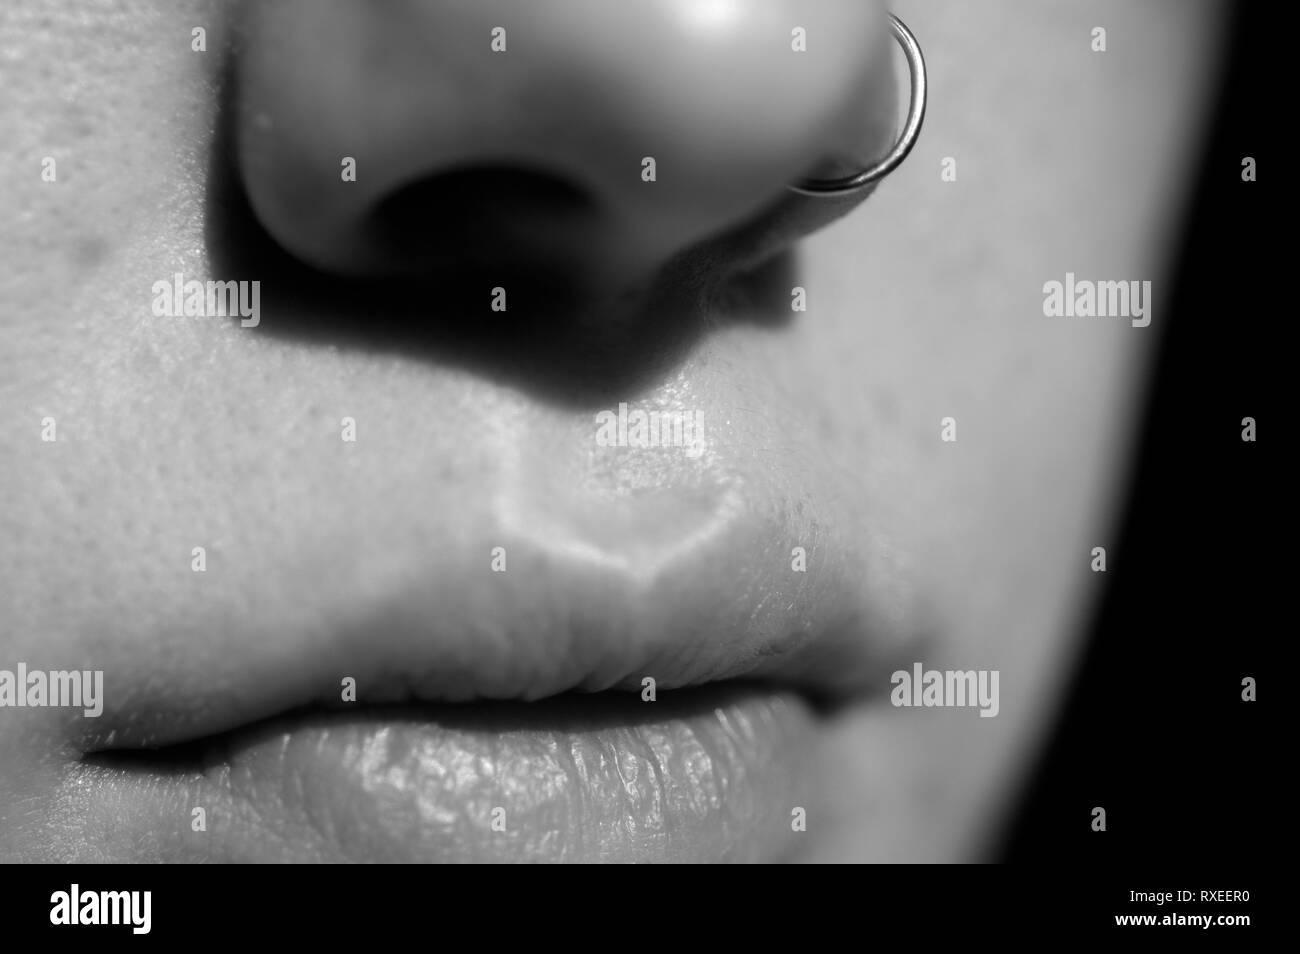 Una imagen en blanco y negro de una joven mujer en la boca y la nariz con un anillo de la nariz y el negro como color de fondo. Foto de stock